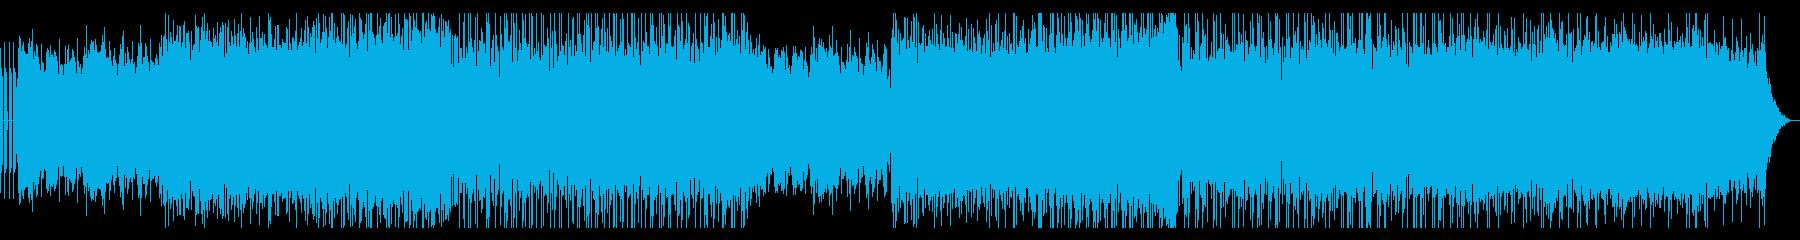 戦闘・EDM・ゲーム・臨場感・ハウスの再生済みの波形